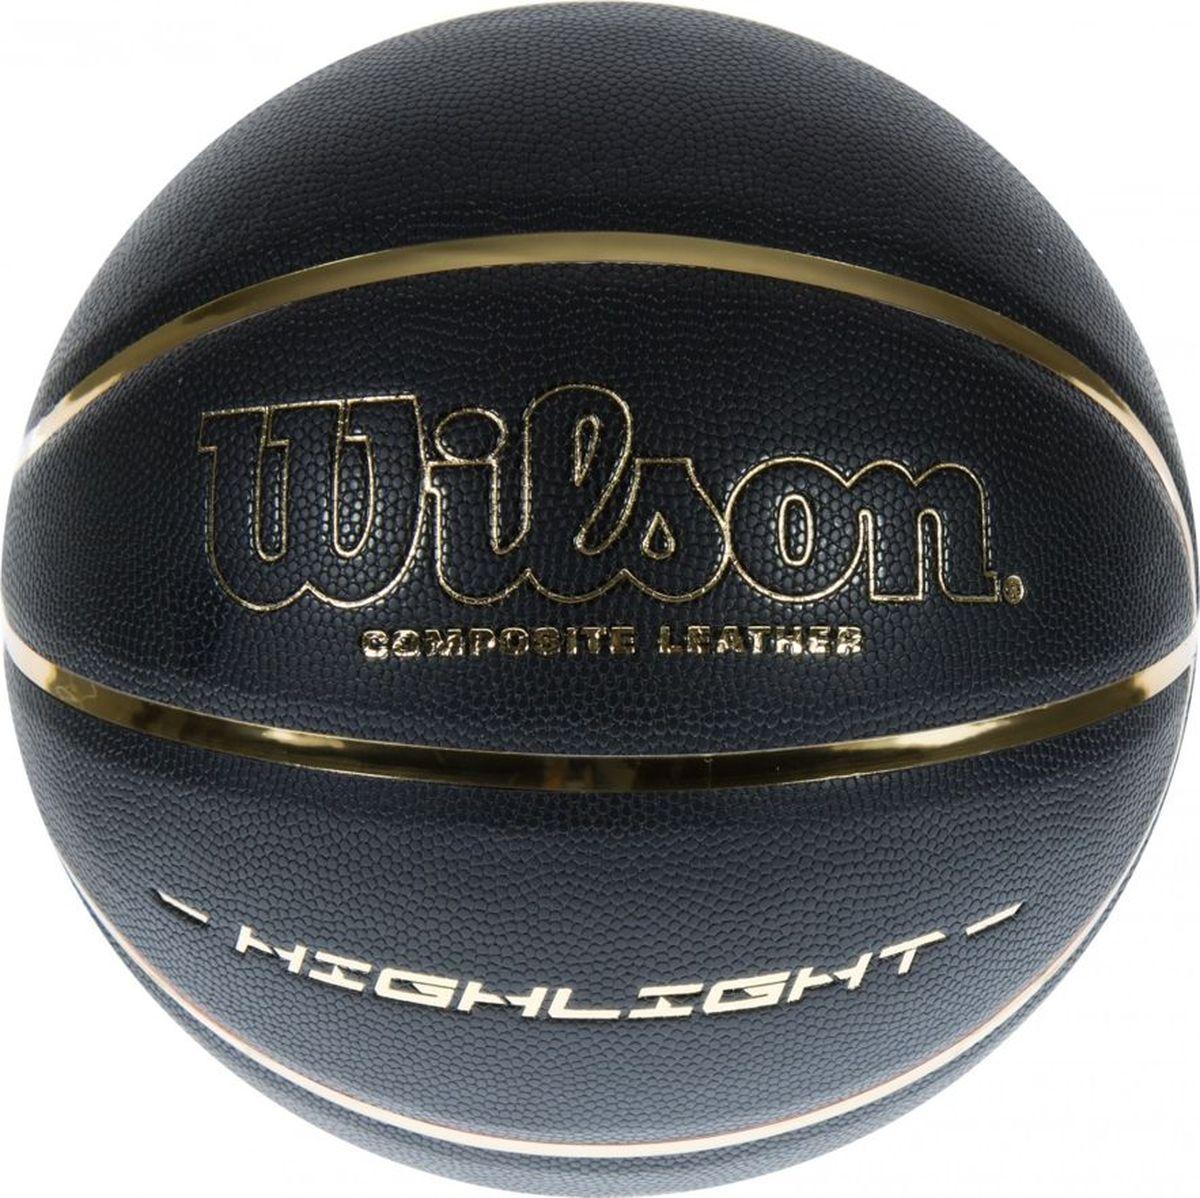 Мяч баскетбольный Wilson Highlight, цвет: черный. Размер: 765160042Премиум конструкция каркаса мяча для износоустойчивости, невероятный притягательный внешний вид, высококачественный композитный материал с непревзойденным гриппом и контролем.